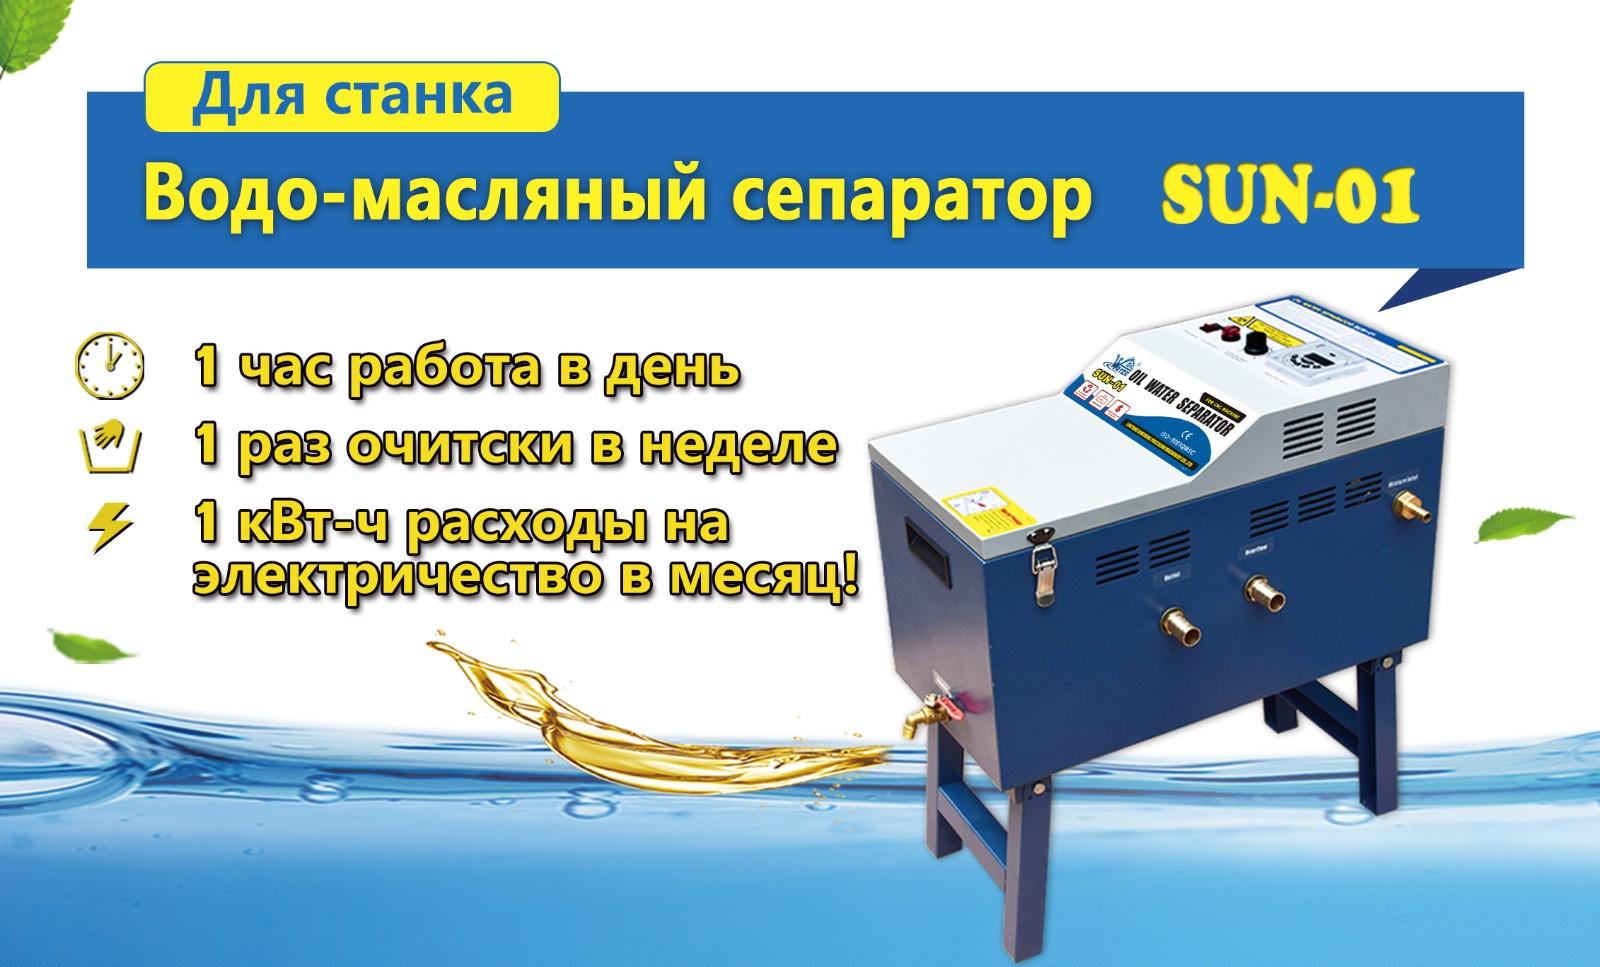 【资料】俄罗斯展会微信文章信息J0521潘云04.jpg